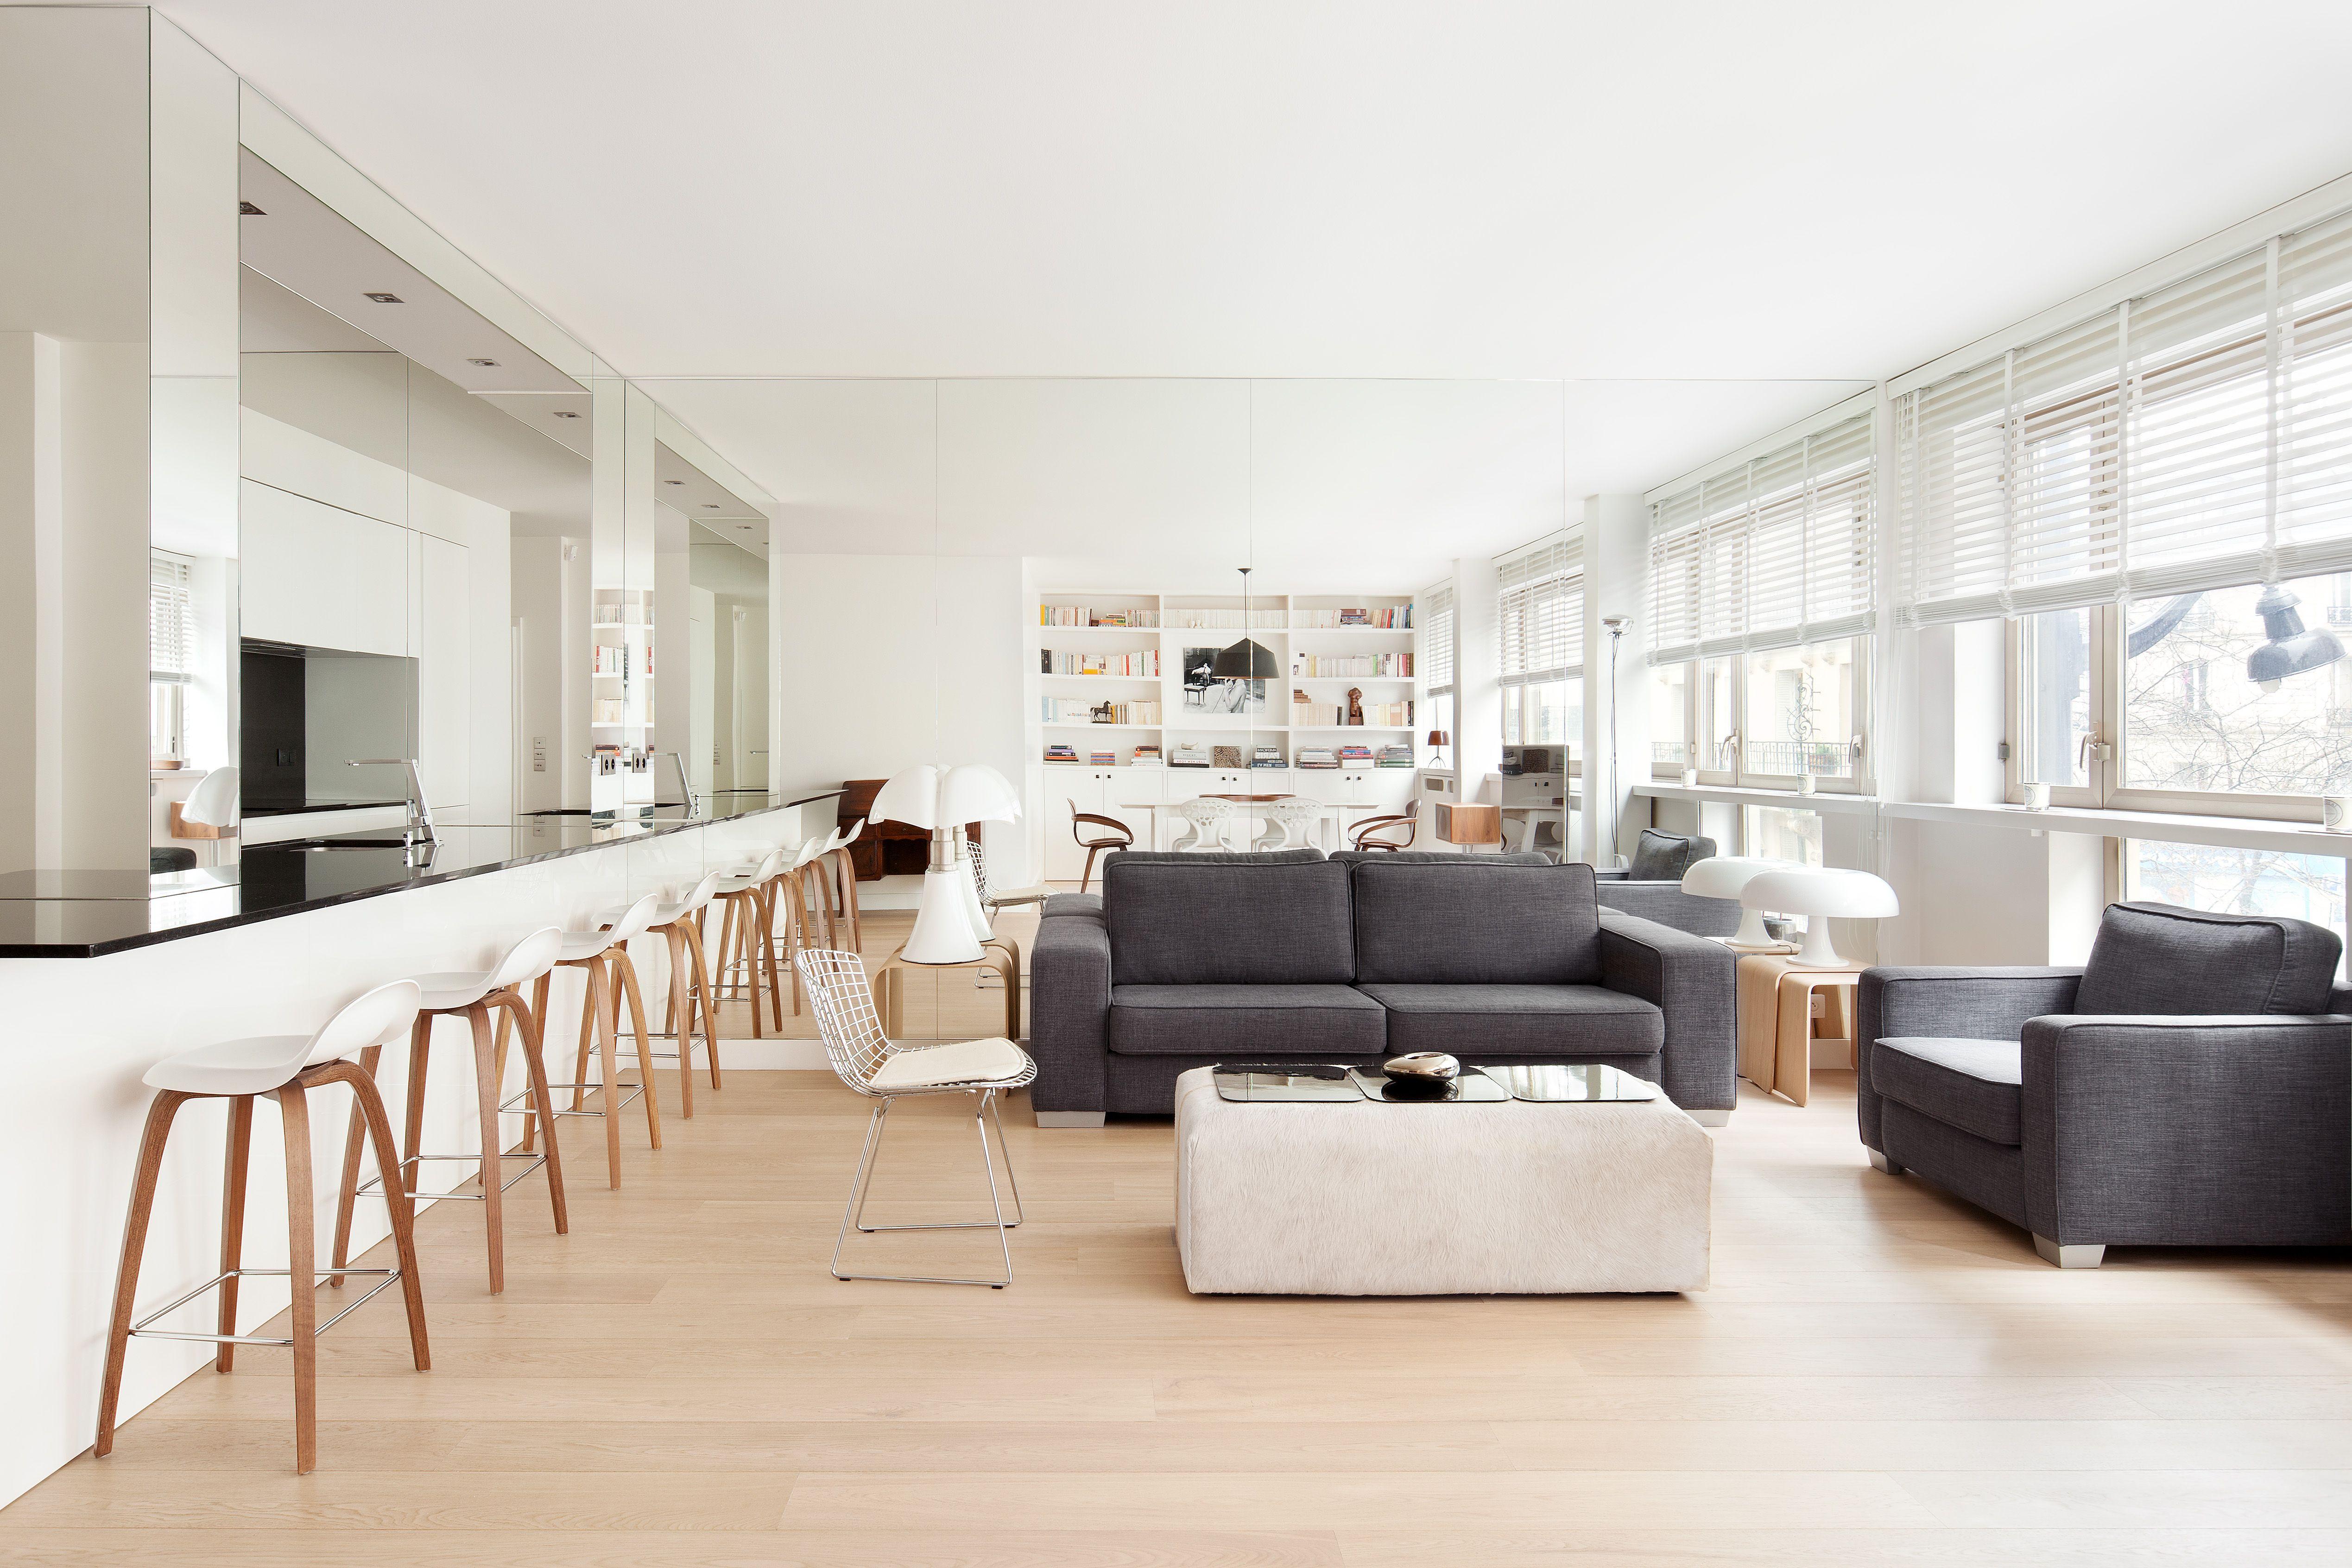 une piece a vivre contemporaine realisation cda design salon sejour cuisine ouverte miroir parquet gobbi pipistrello